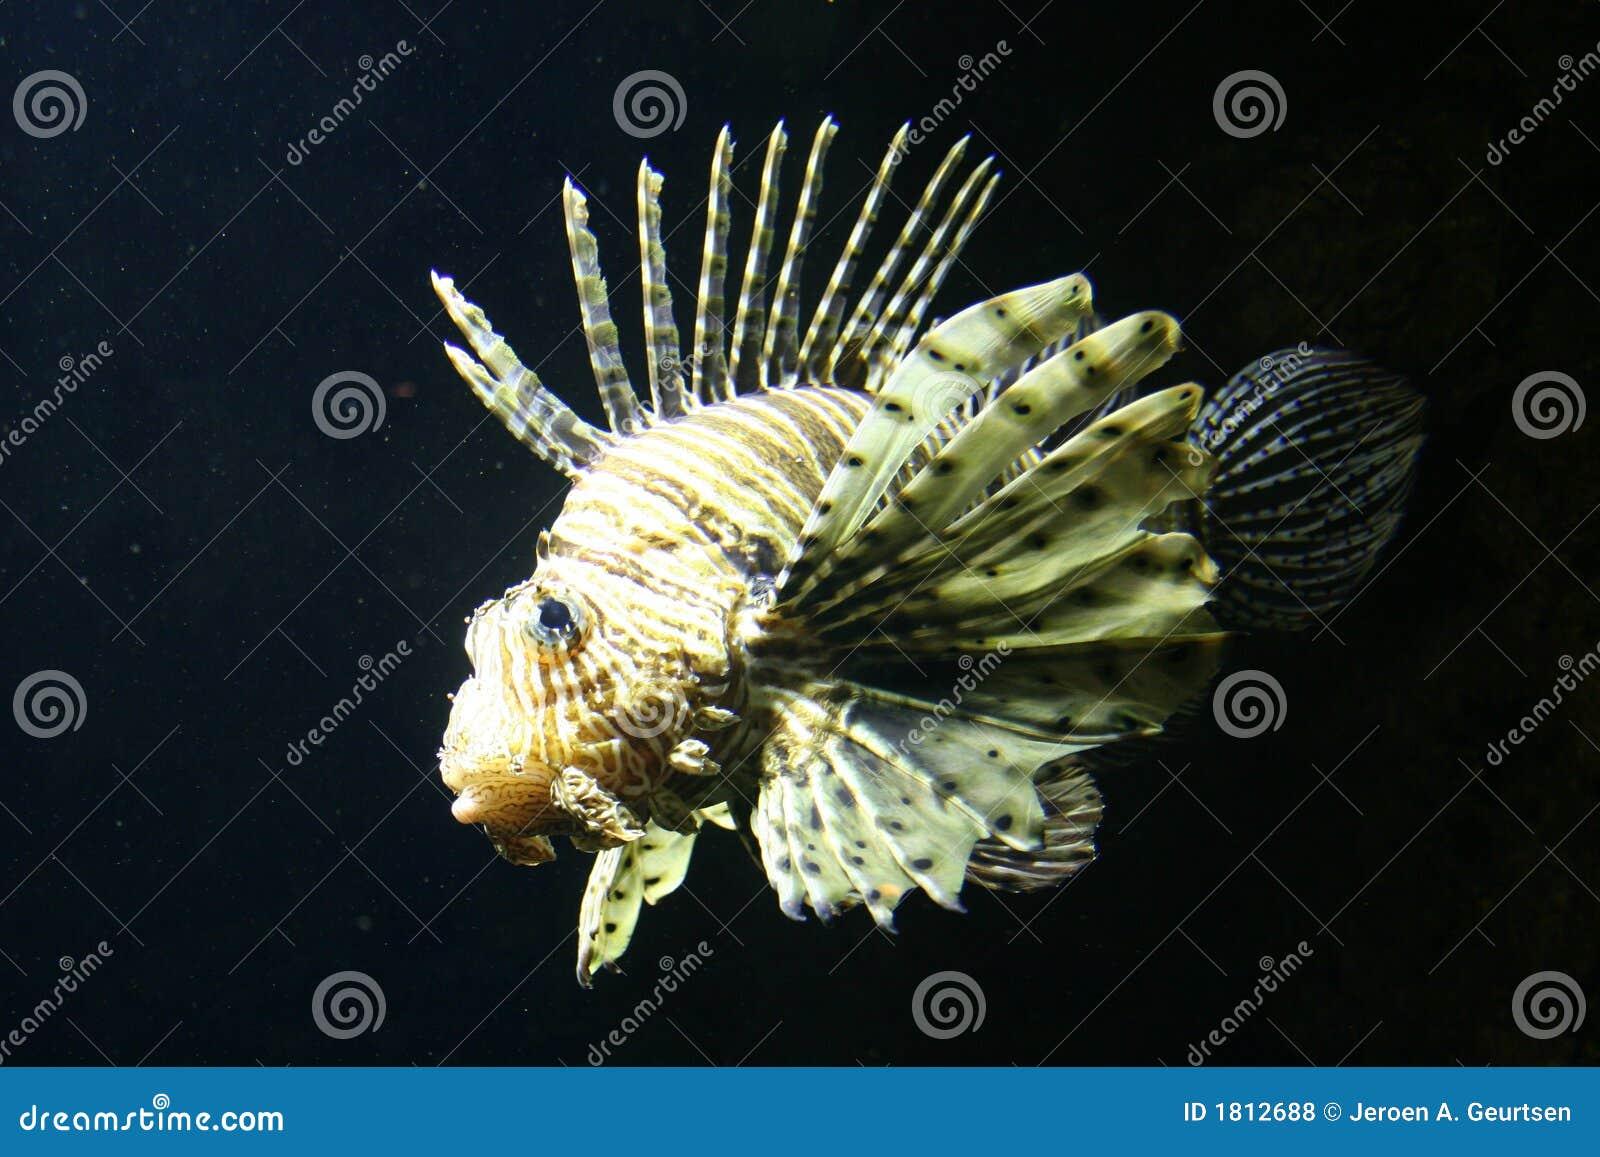 Fische Und Skorpion Passt Das